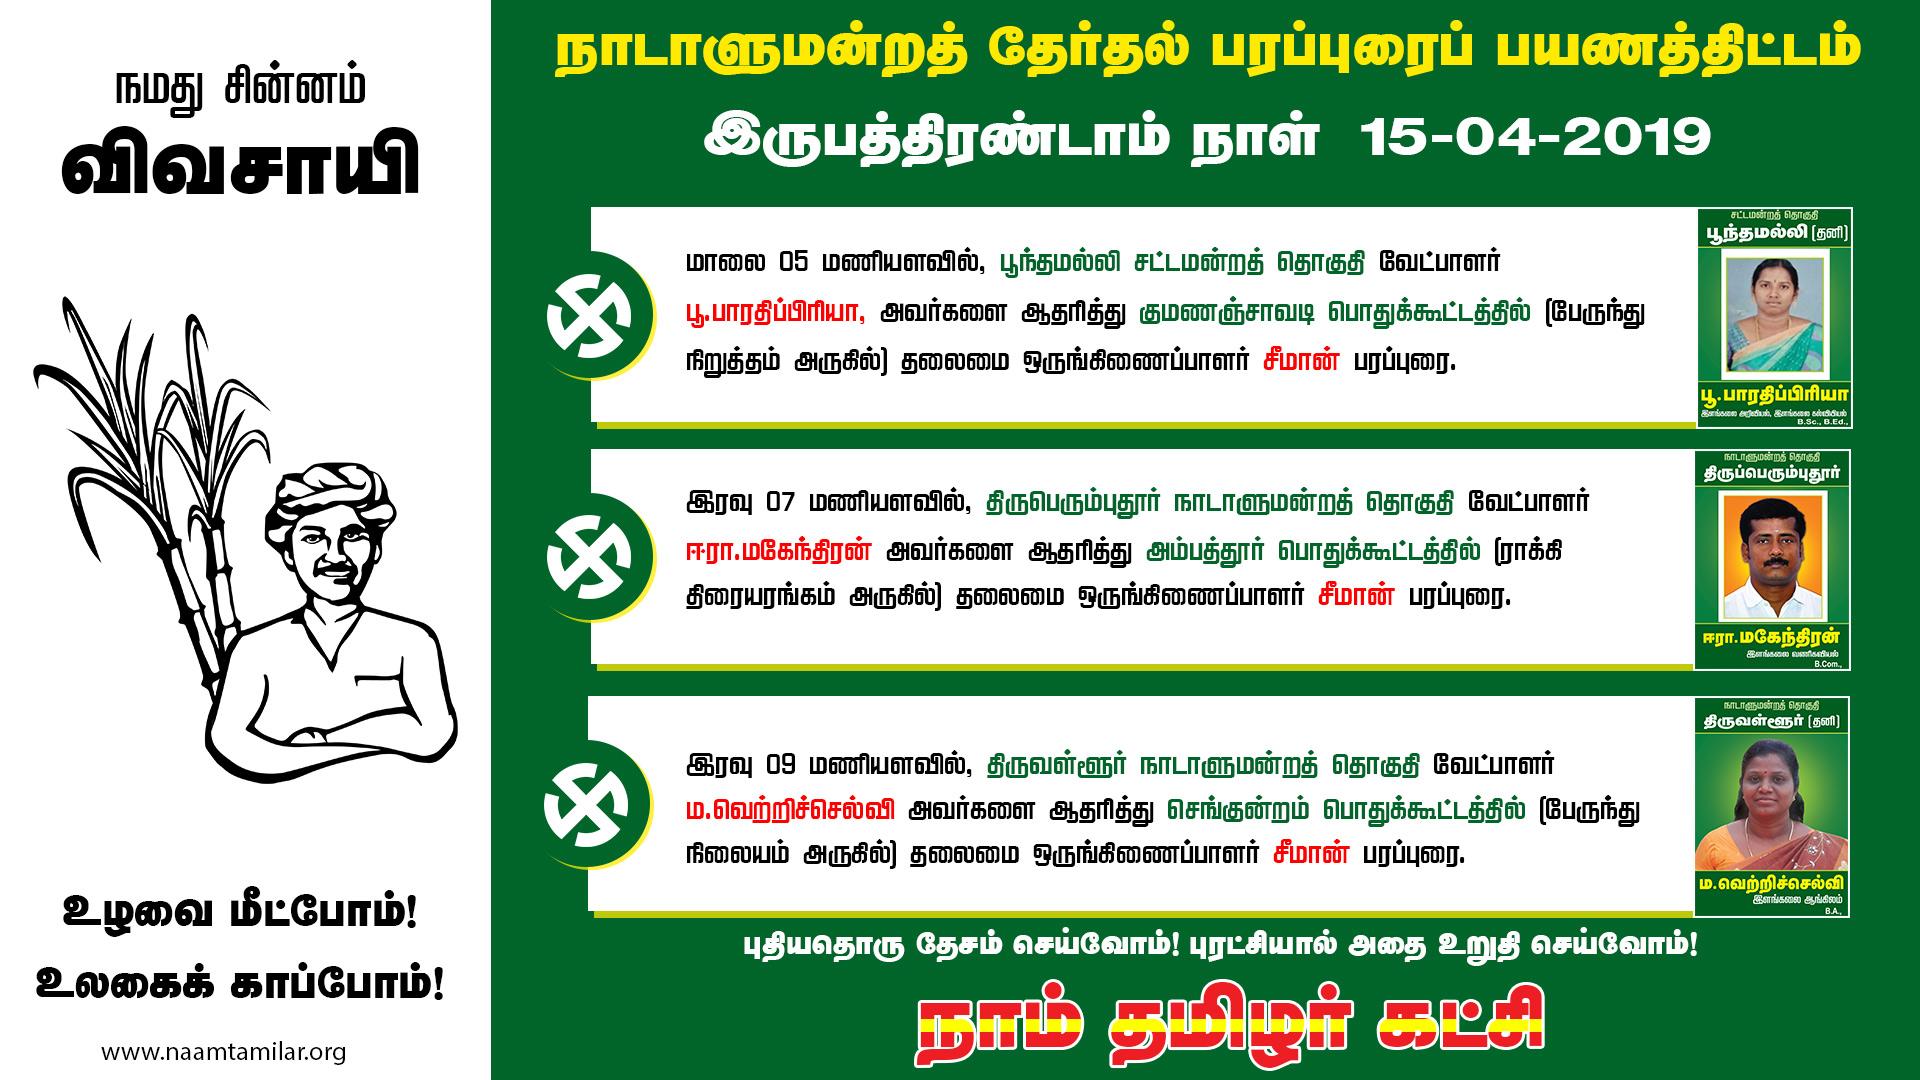 சீமான் தேர்தல் பரப்புரைப் பயணத்திட்டம் - இருபத்திரண்டாம் நாள் (15-04-2019)